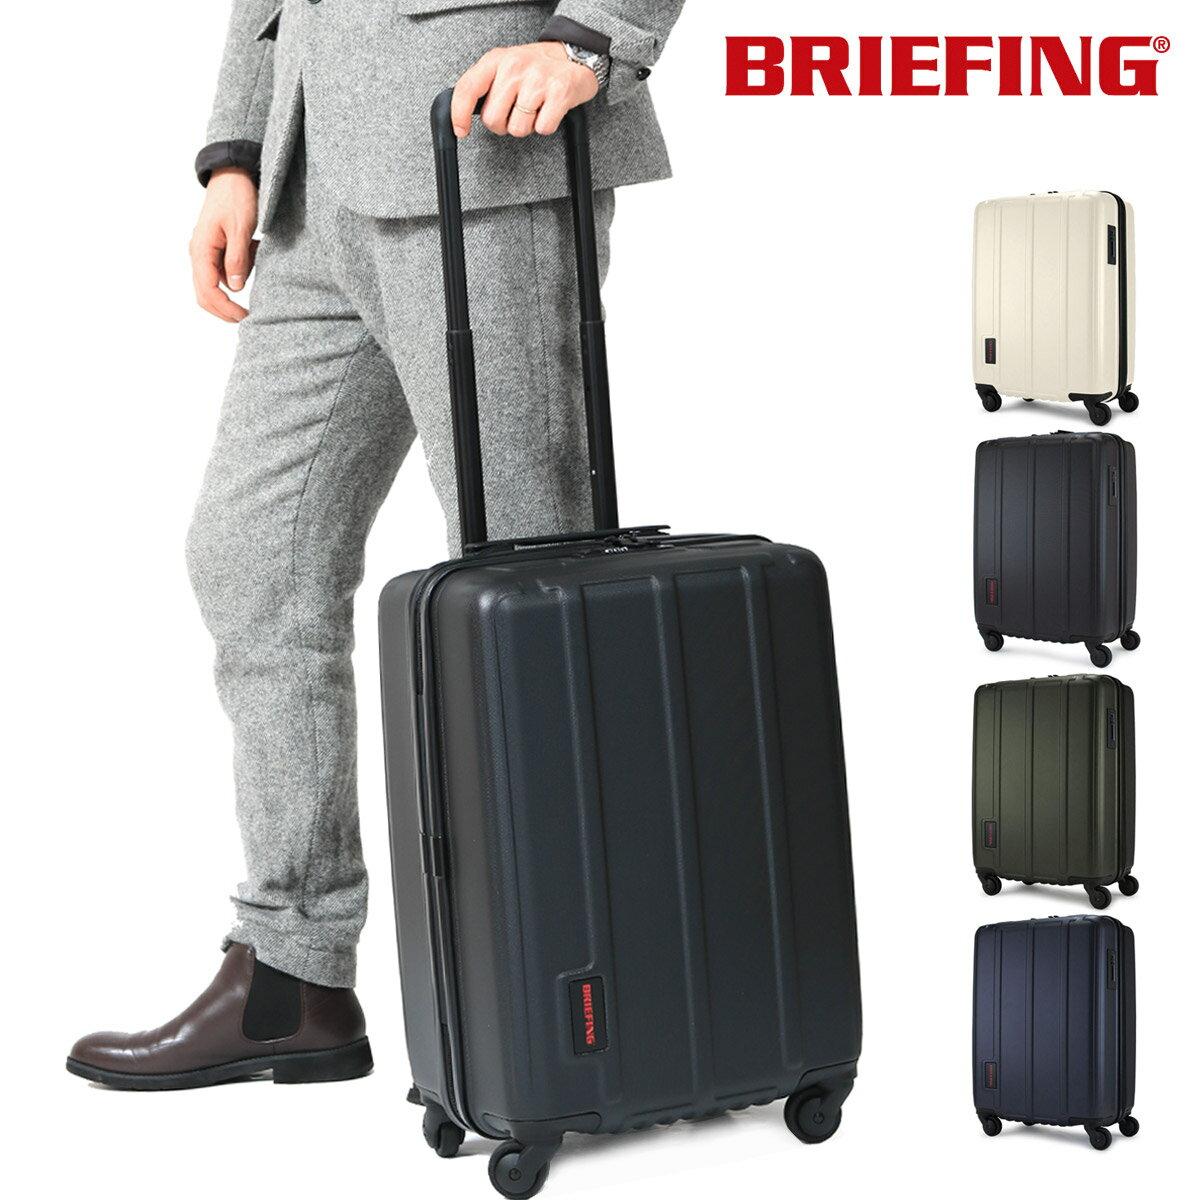 ブリーフィング スーツケース BRF304219 48.5cm H-37 【 ジッパータイプ キャリーケース ハードキャリー TSA ロック搭載国内線(100席以上)の機内持込対応サイズ 】【即日発送】